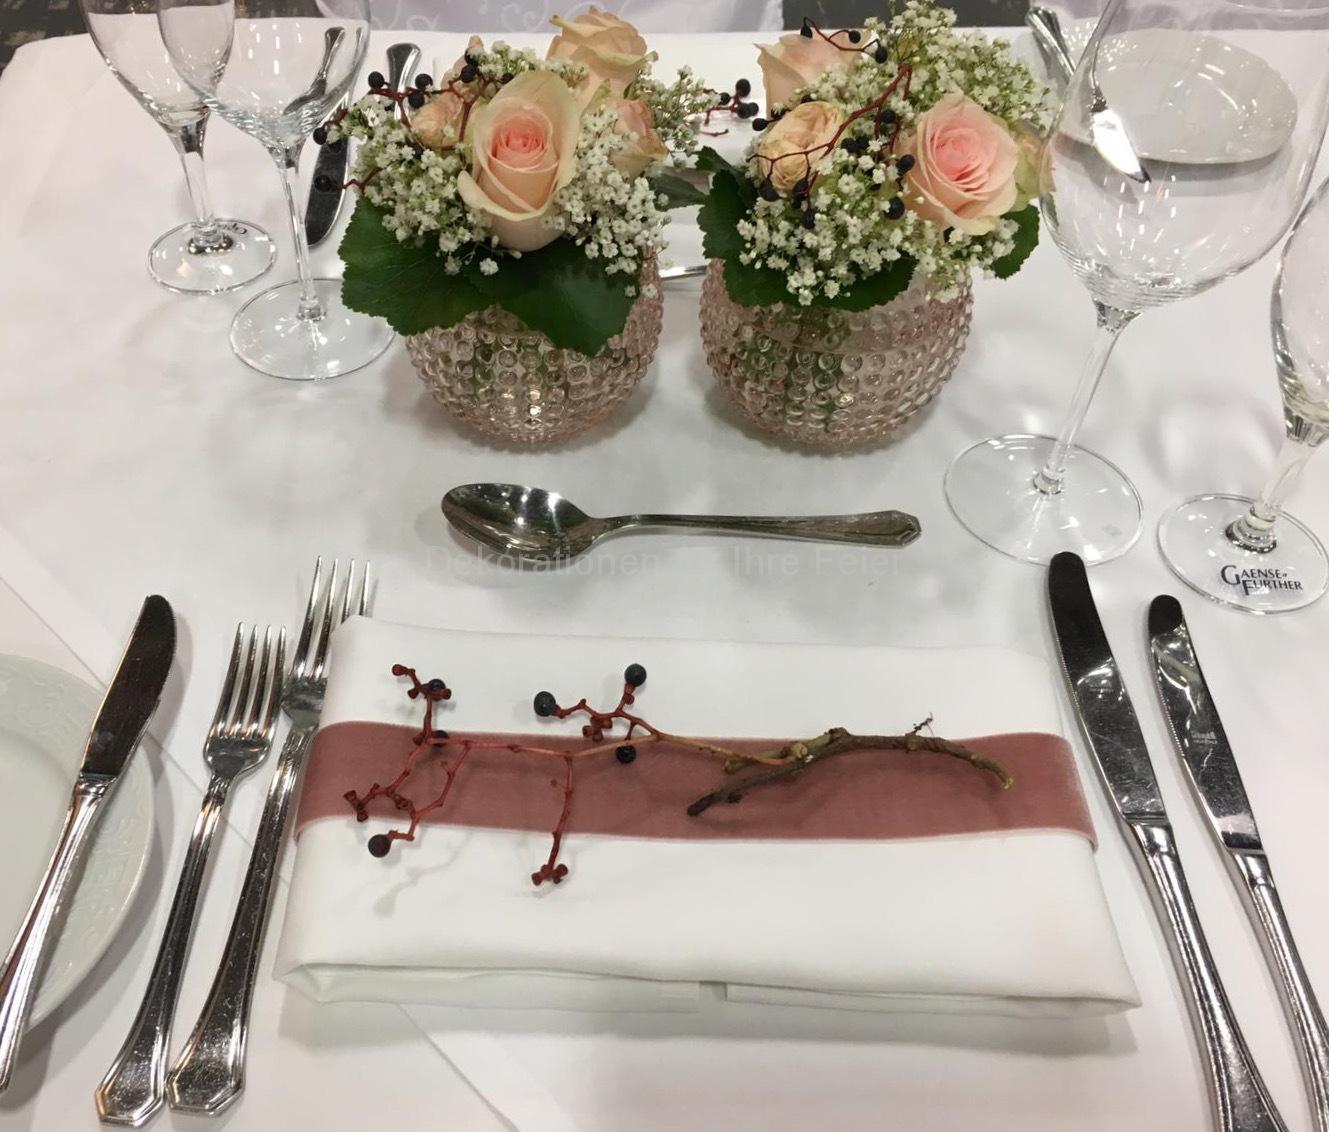 """Für die schmalen Tische auch ein Traum im rosa-weiß. Runde rosa Vasen gefüllt mit rosa Rosen und weißem Schleierkraut. Runde """"Galax-Blätter"""" runden das ganze perfekt ab. Servietten-Schmuck ist mit passenden Satin Band beschickt, darauf ruht ein Zweig von wilden Beeren, harmonisch passend zum Ganzen!"""